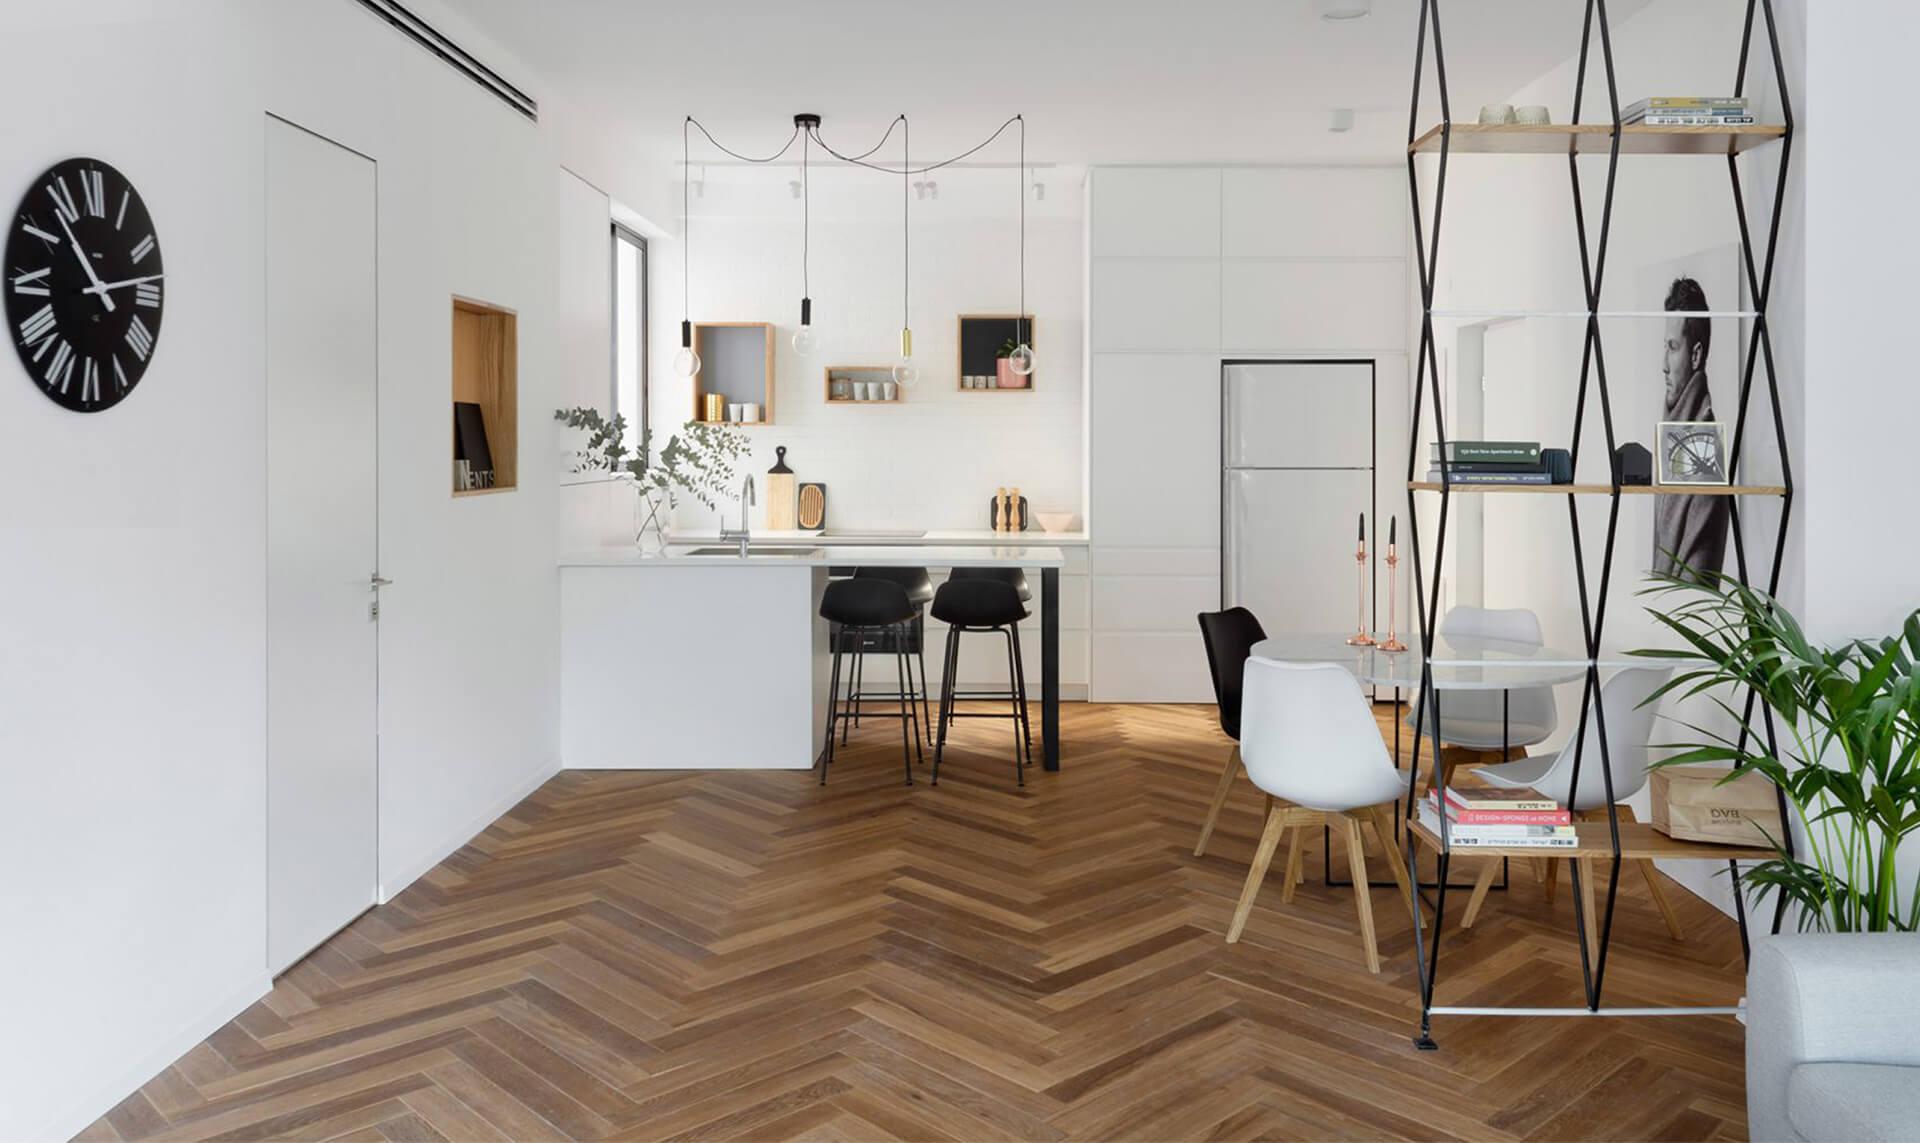 Maayan Zusman Tasarımı Apartman Dairesi ve Balıksırtı Parkeler